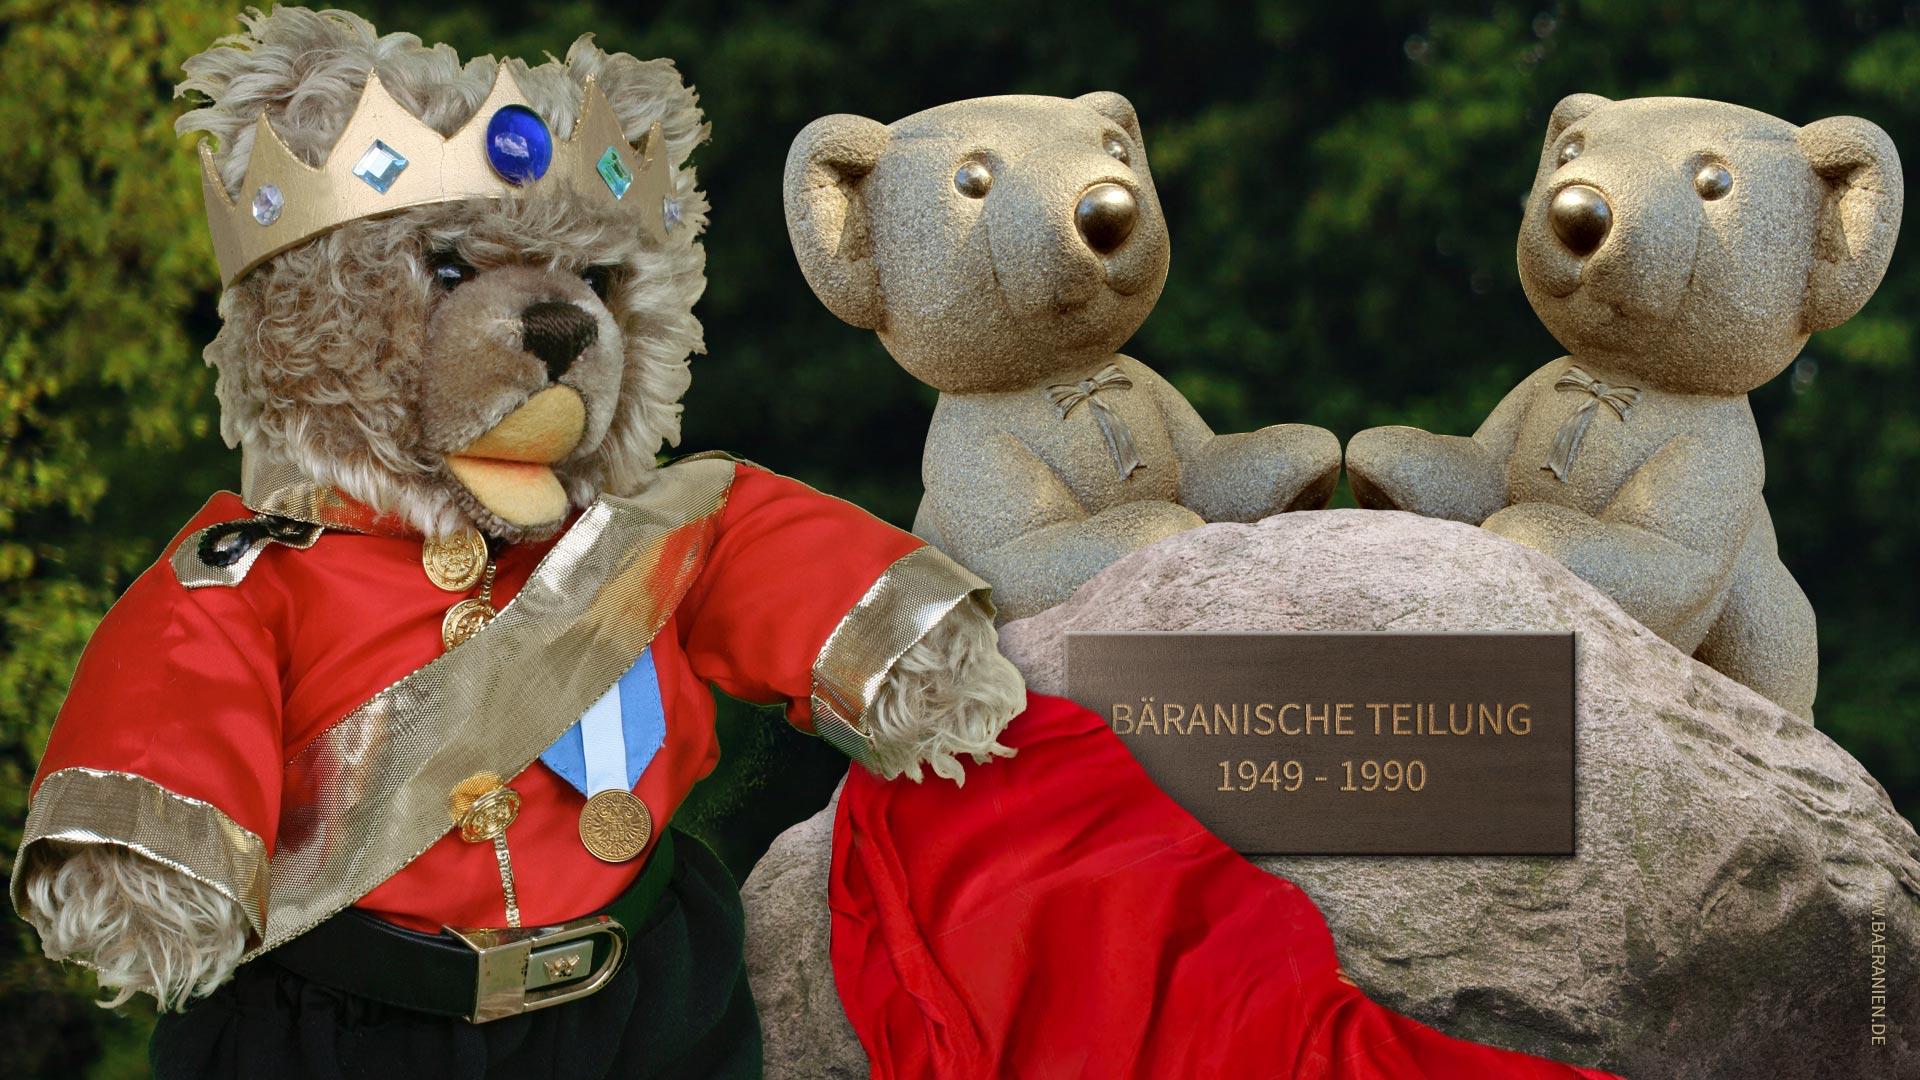 Teddy-König Opa und die Wiedervereinigung